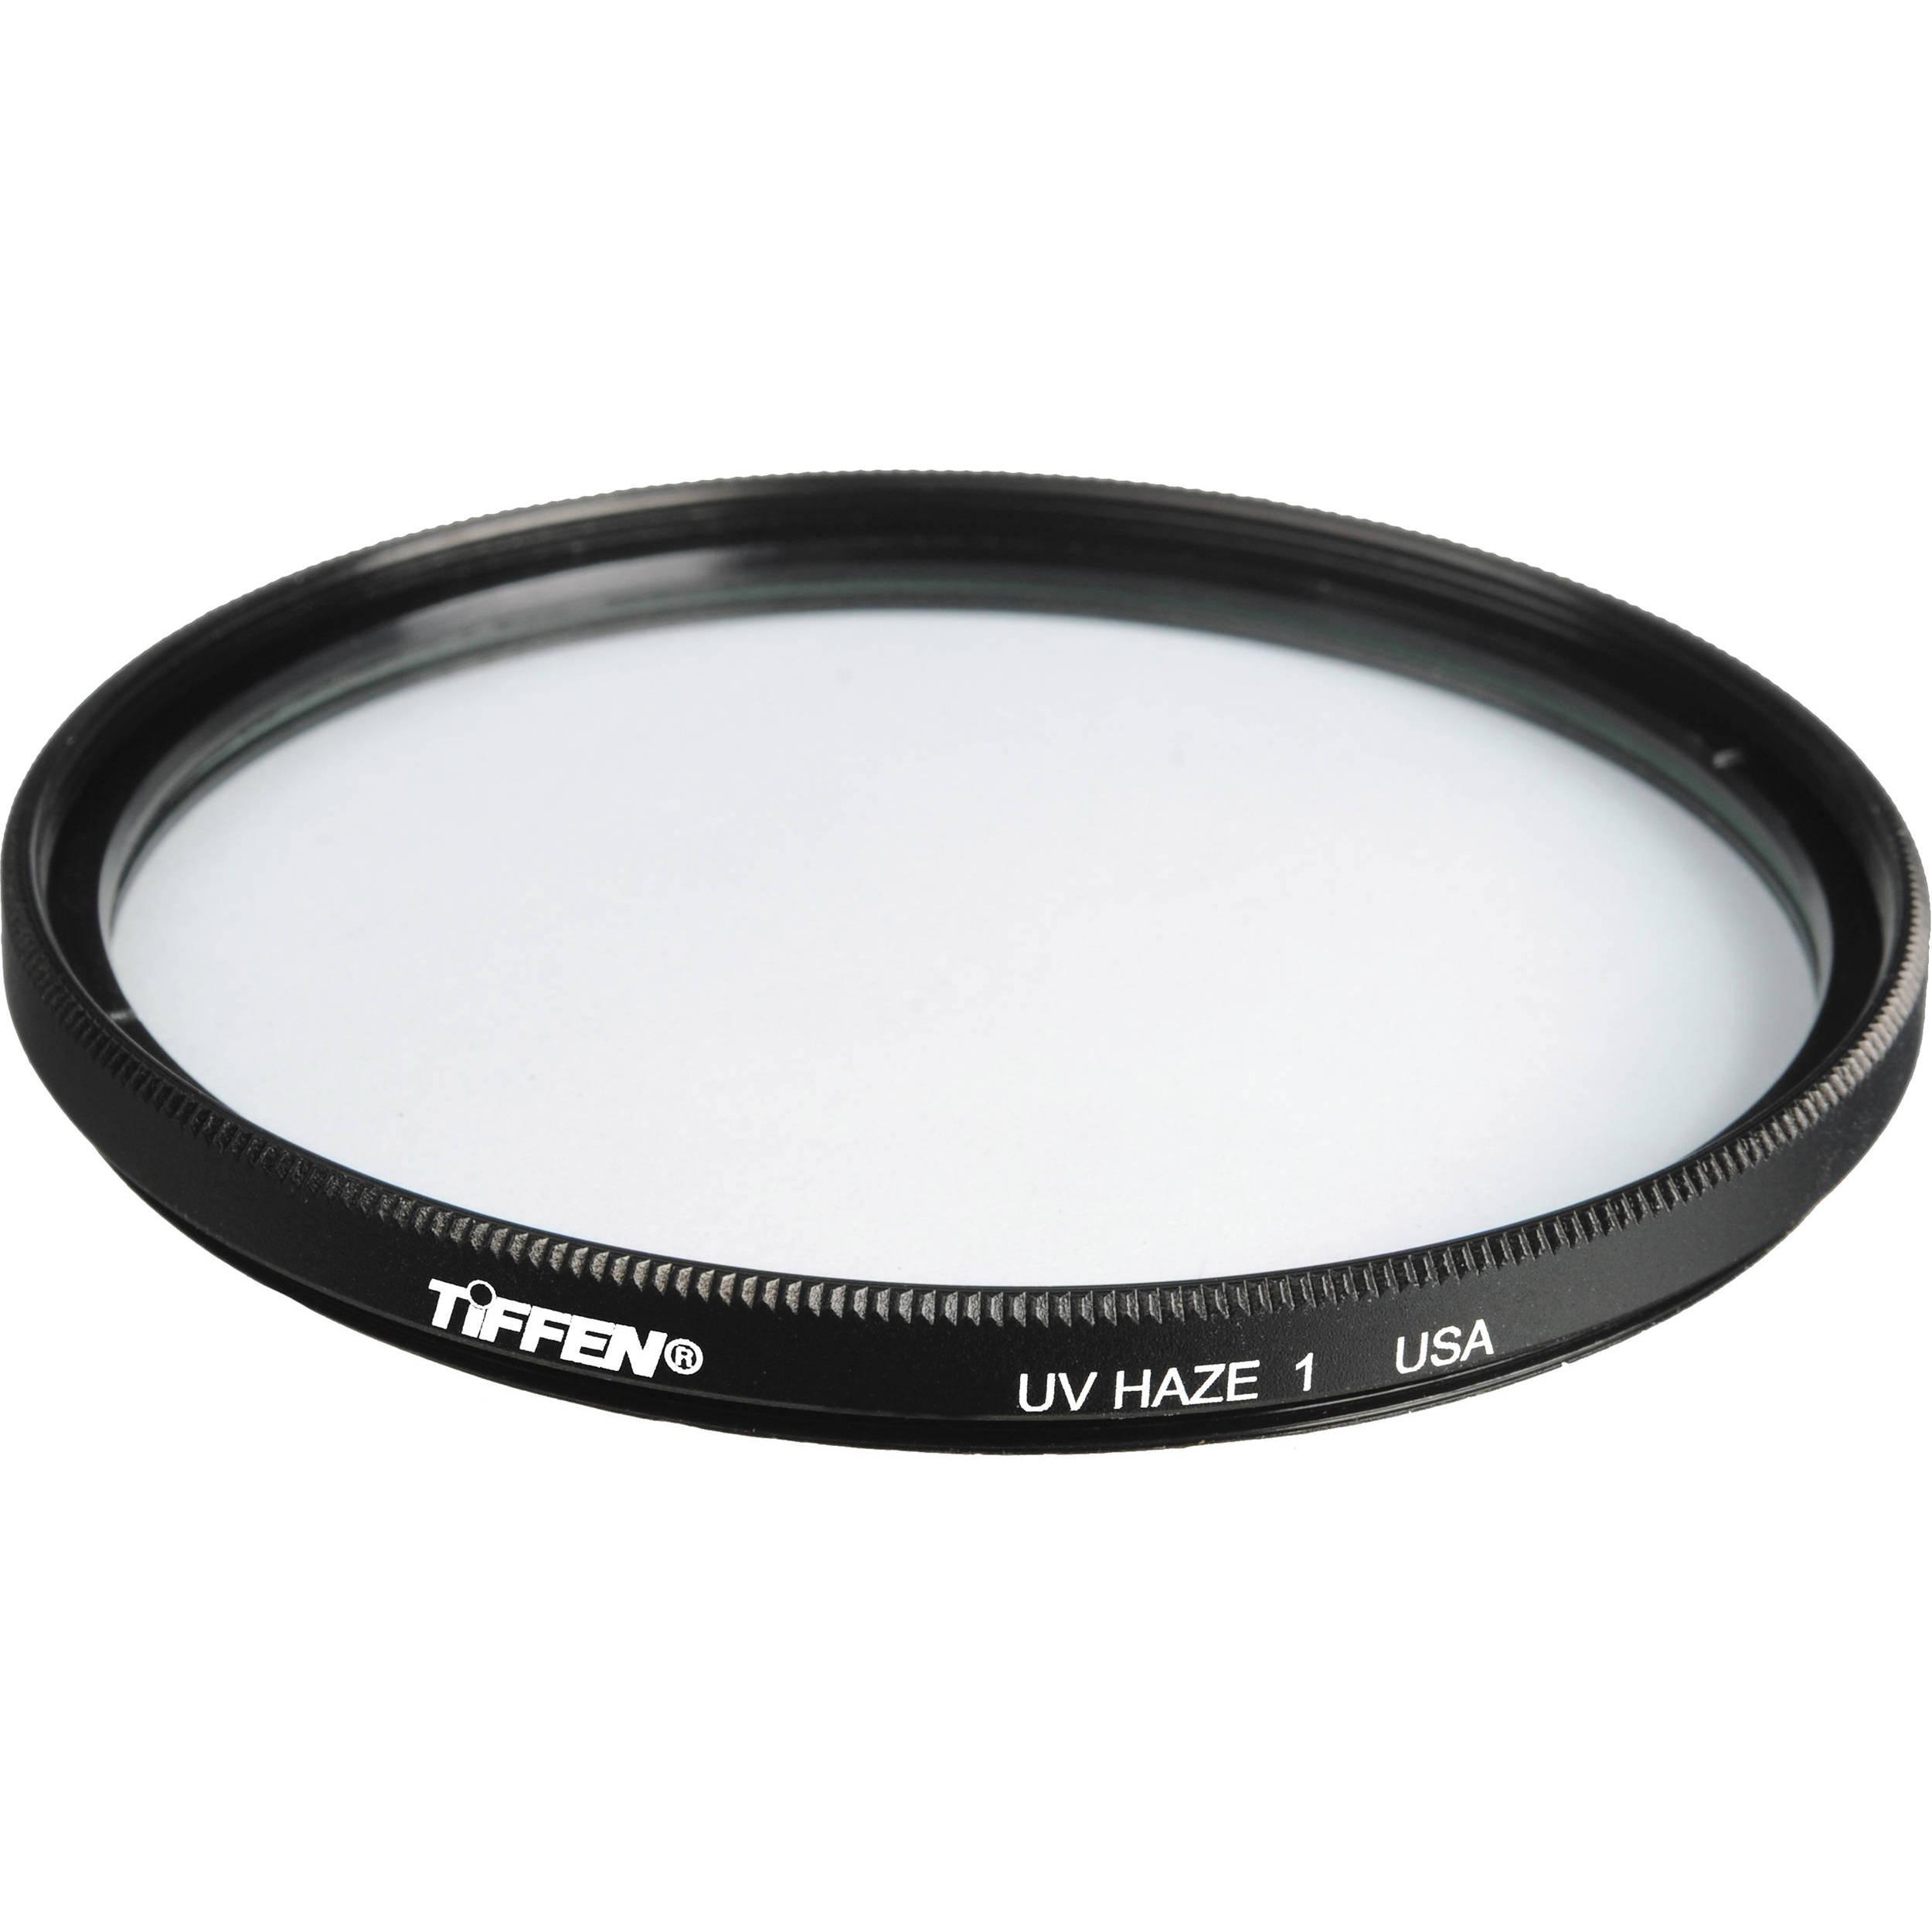 Tiffen 43mm UV Haze 1 Filter